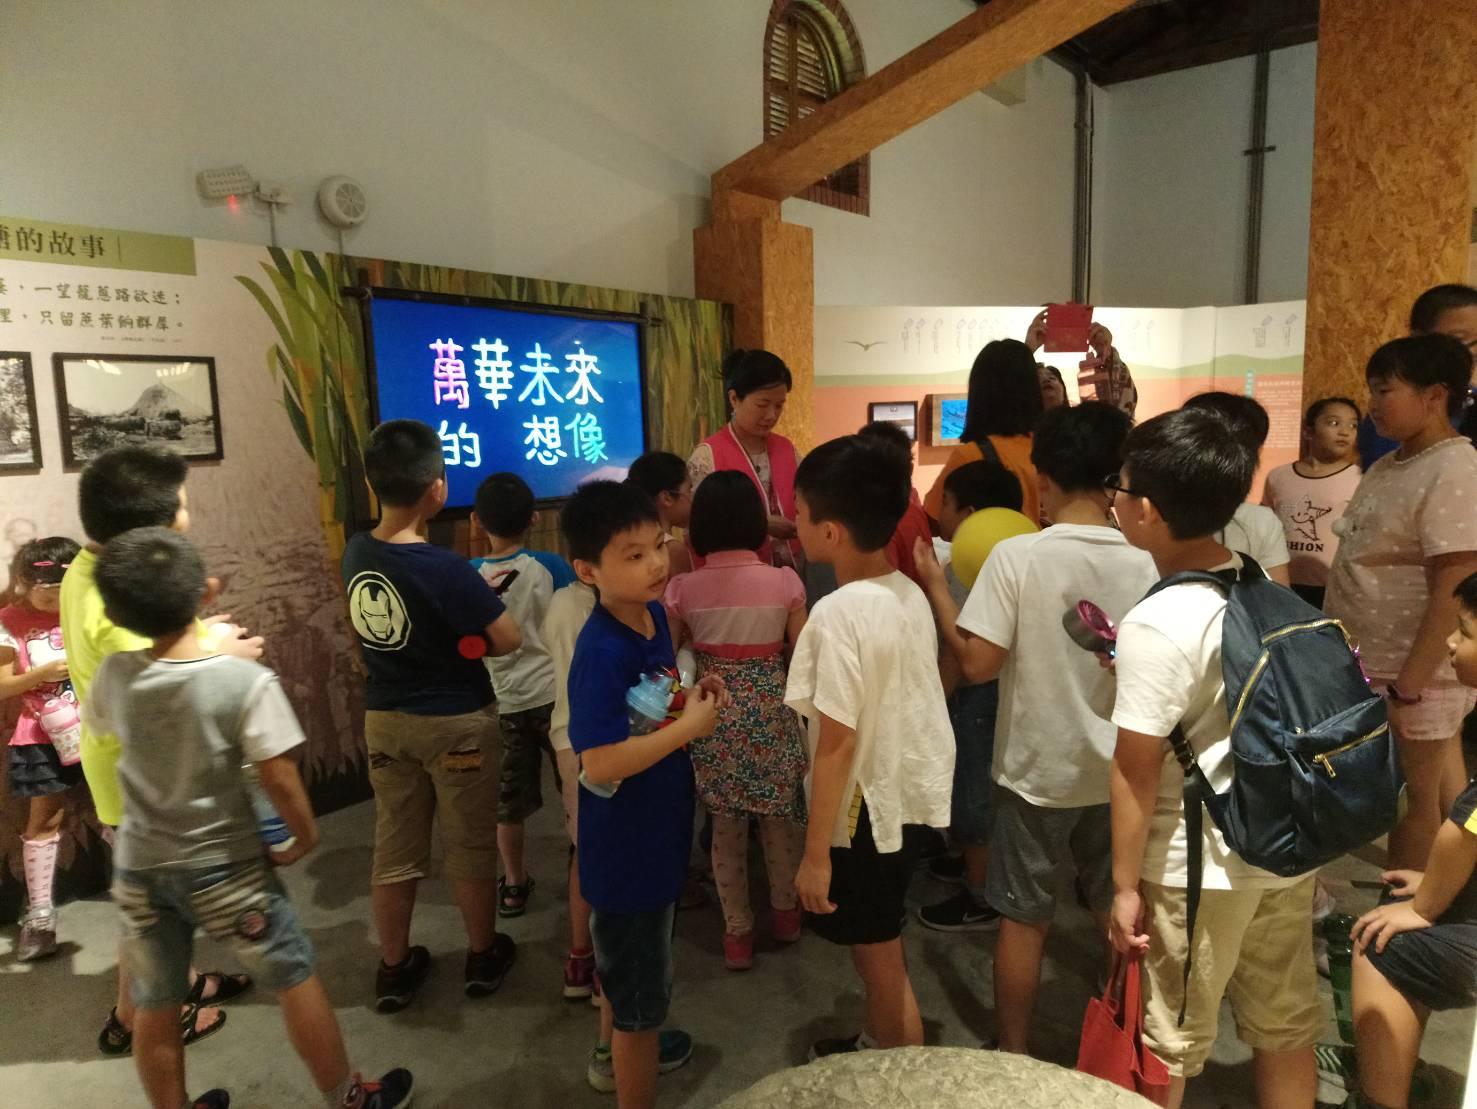 頗受親子歡迎的鄉土教育場域-糖業文化展示館(A倉)